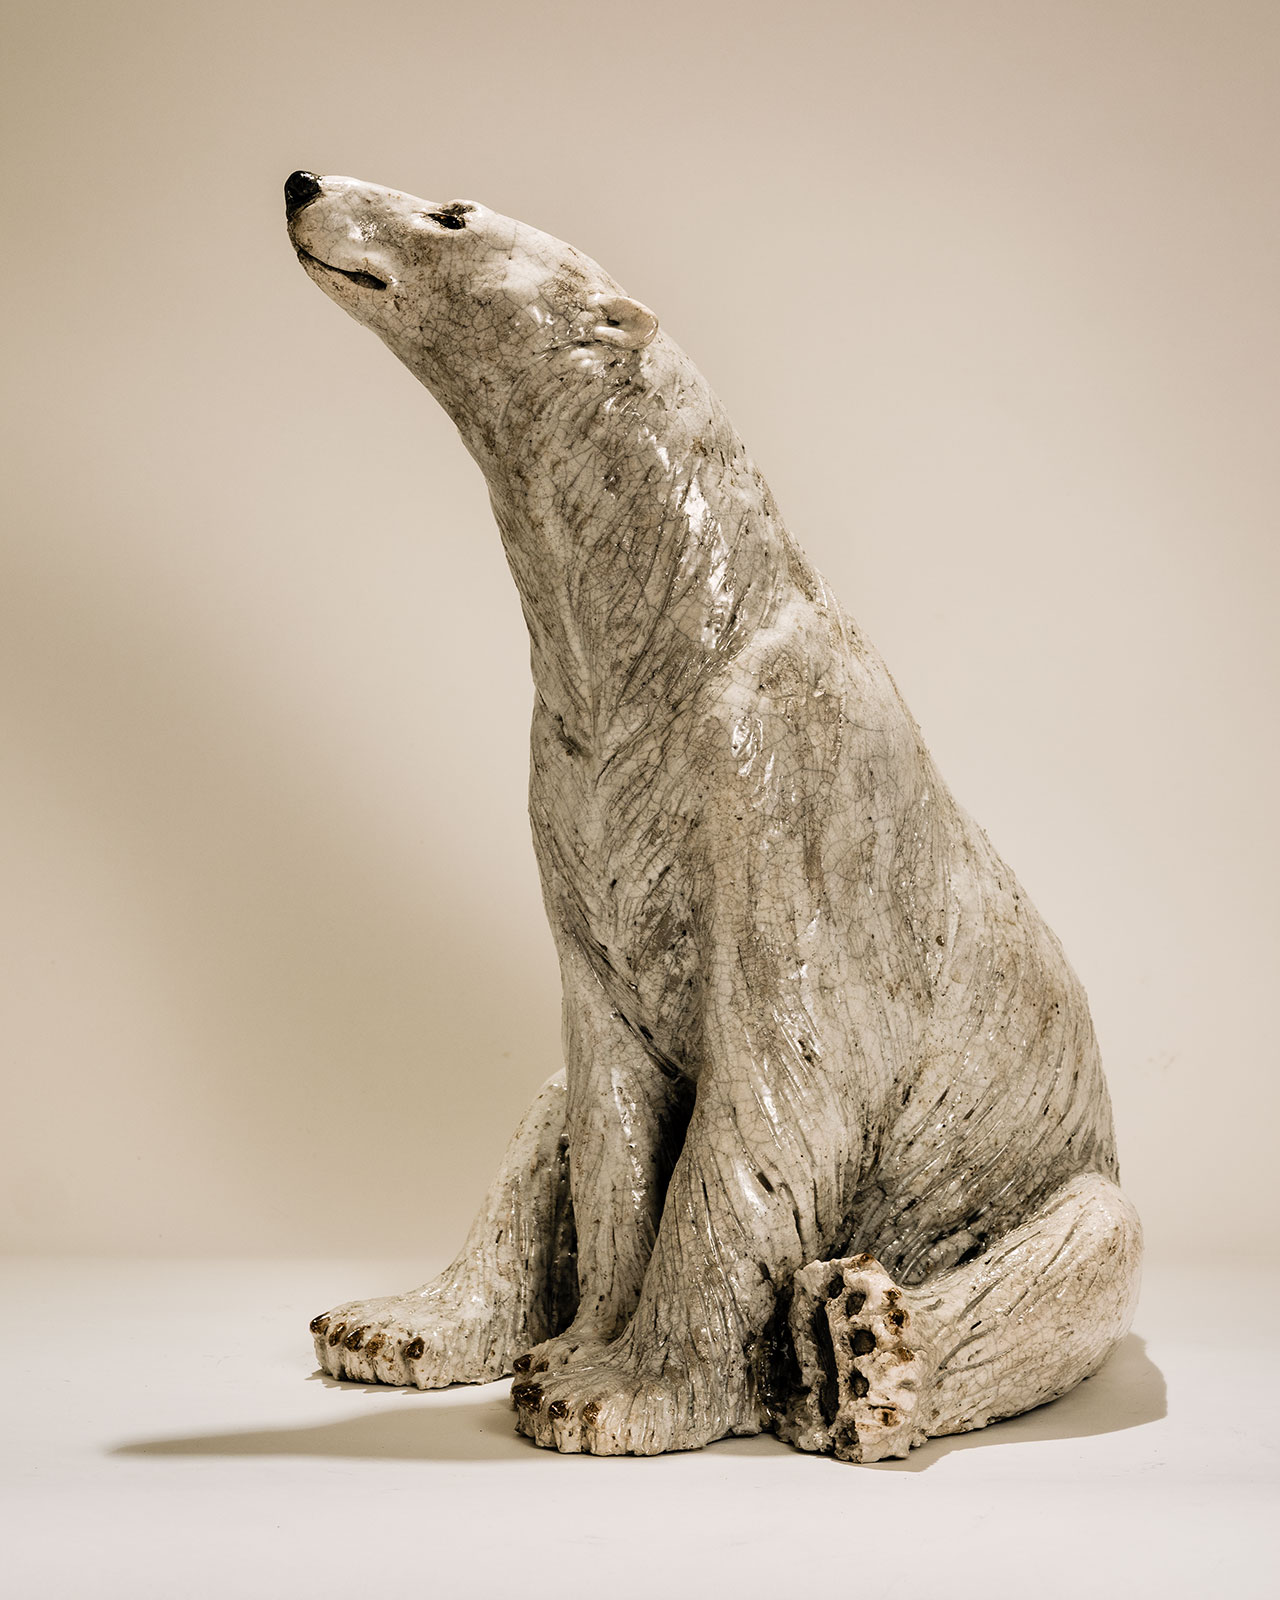 Wildlife Sculpture Exhibition